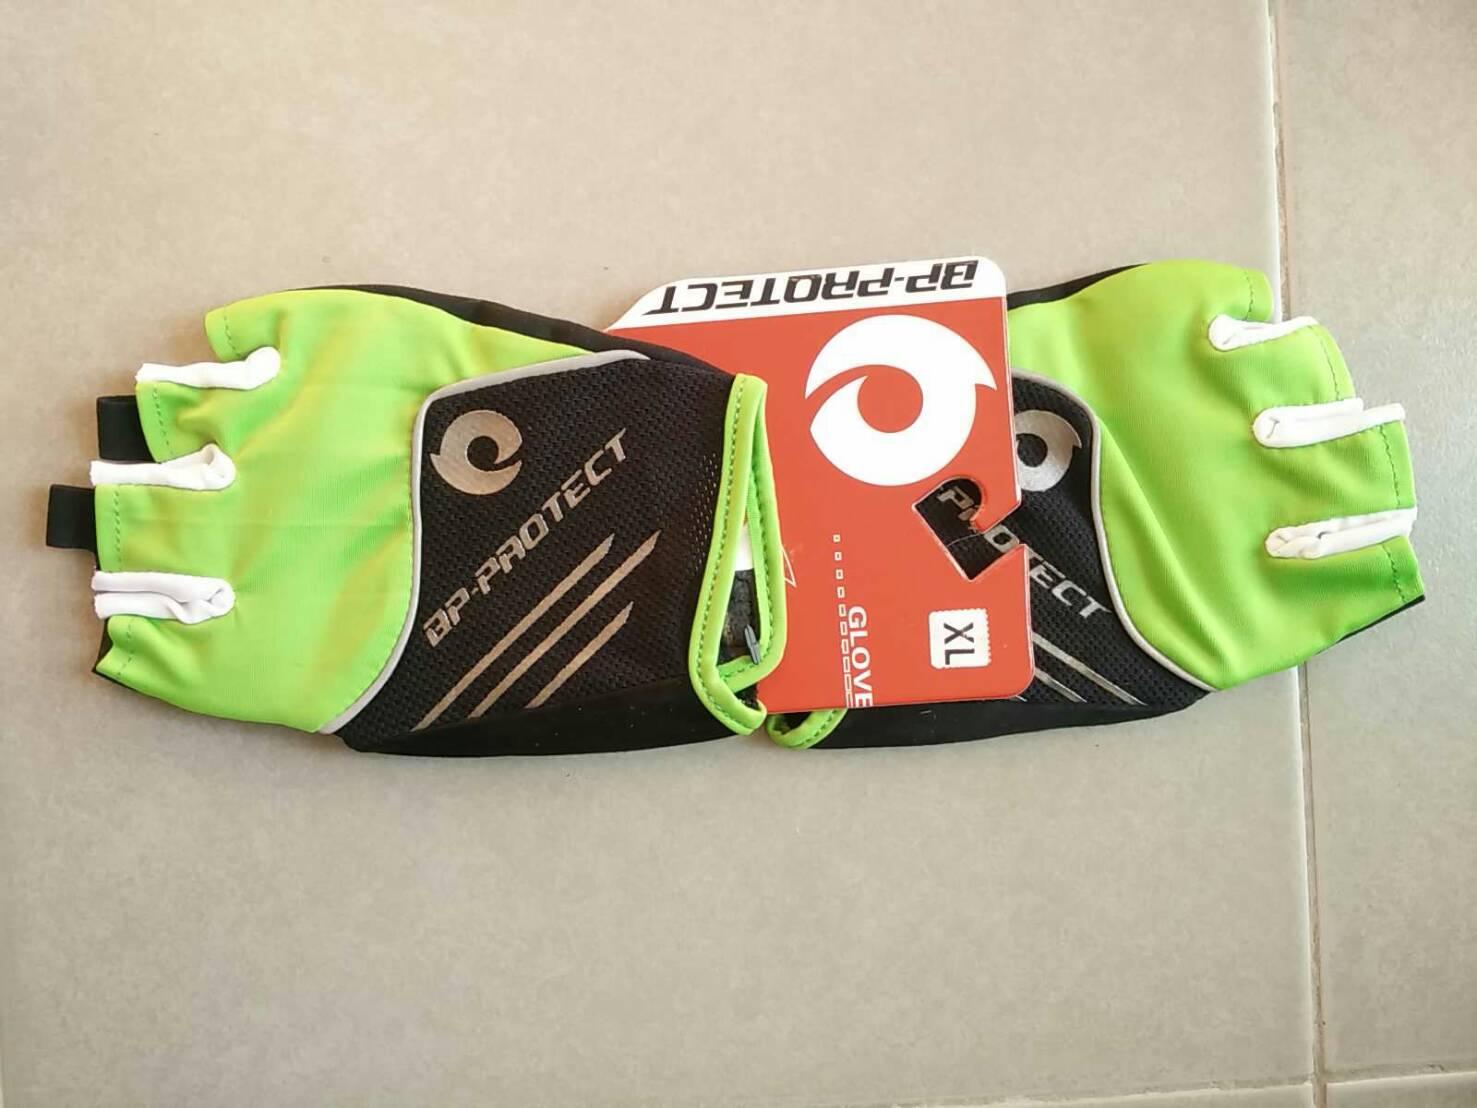 ถุงมือเจล bp-protect ขีดเงิน (แอดไลน์ @pinpinbike ใส่ @ ข้างหน้าด้วยนะคะ)